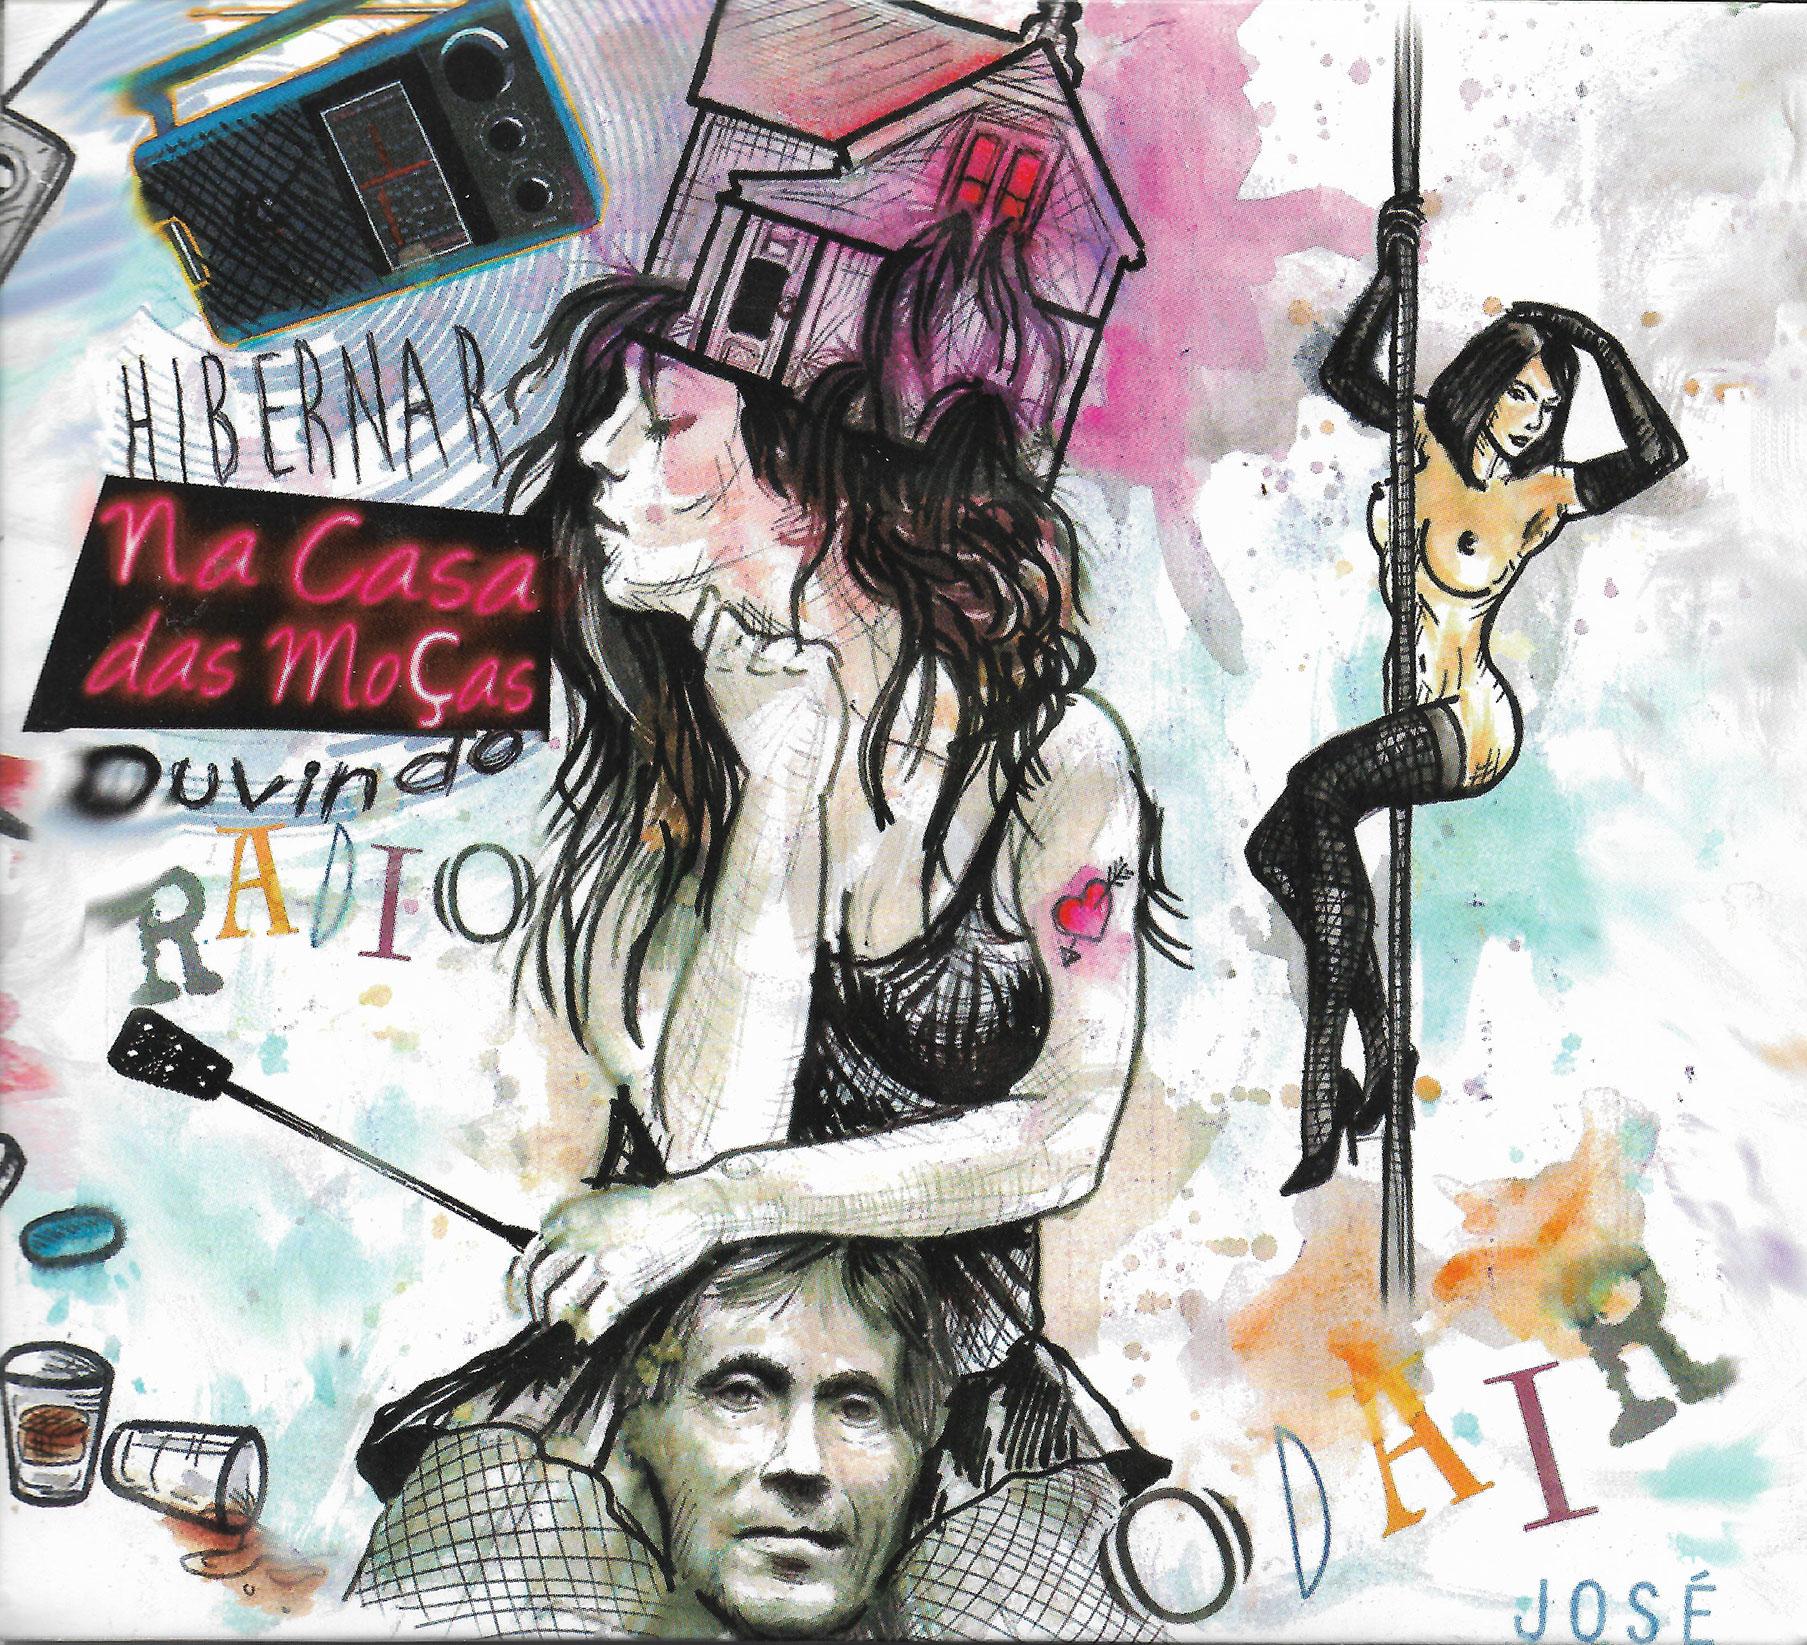 Capa CD Odair José HibernarNaCasa DasMoçasOuvindo Rário Um Quixote pós moderno